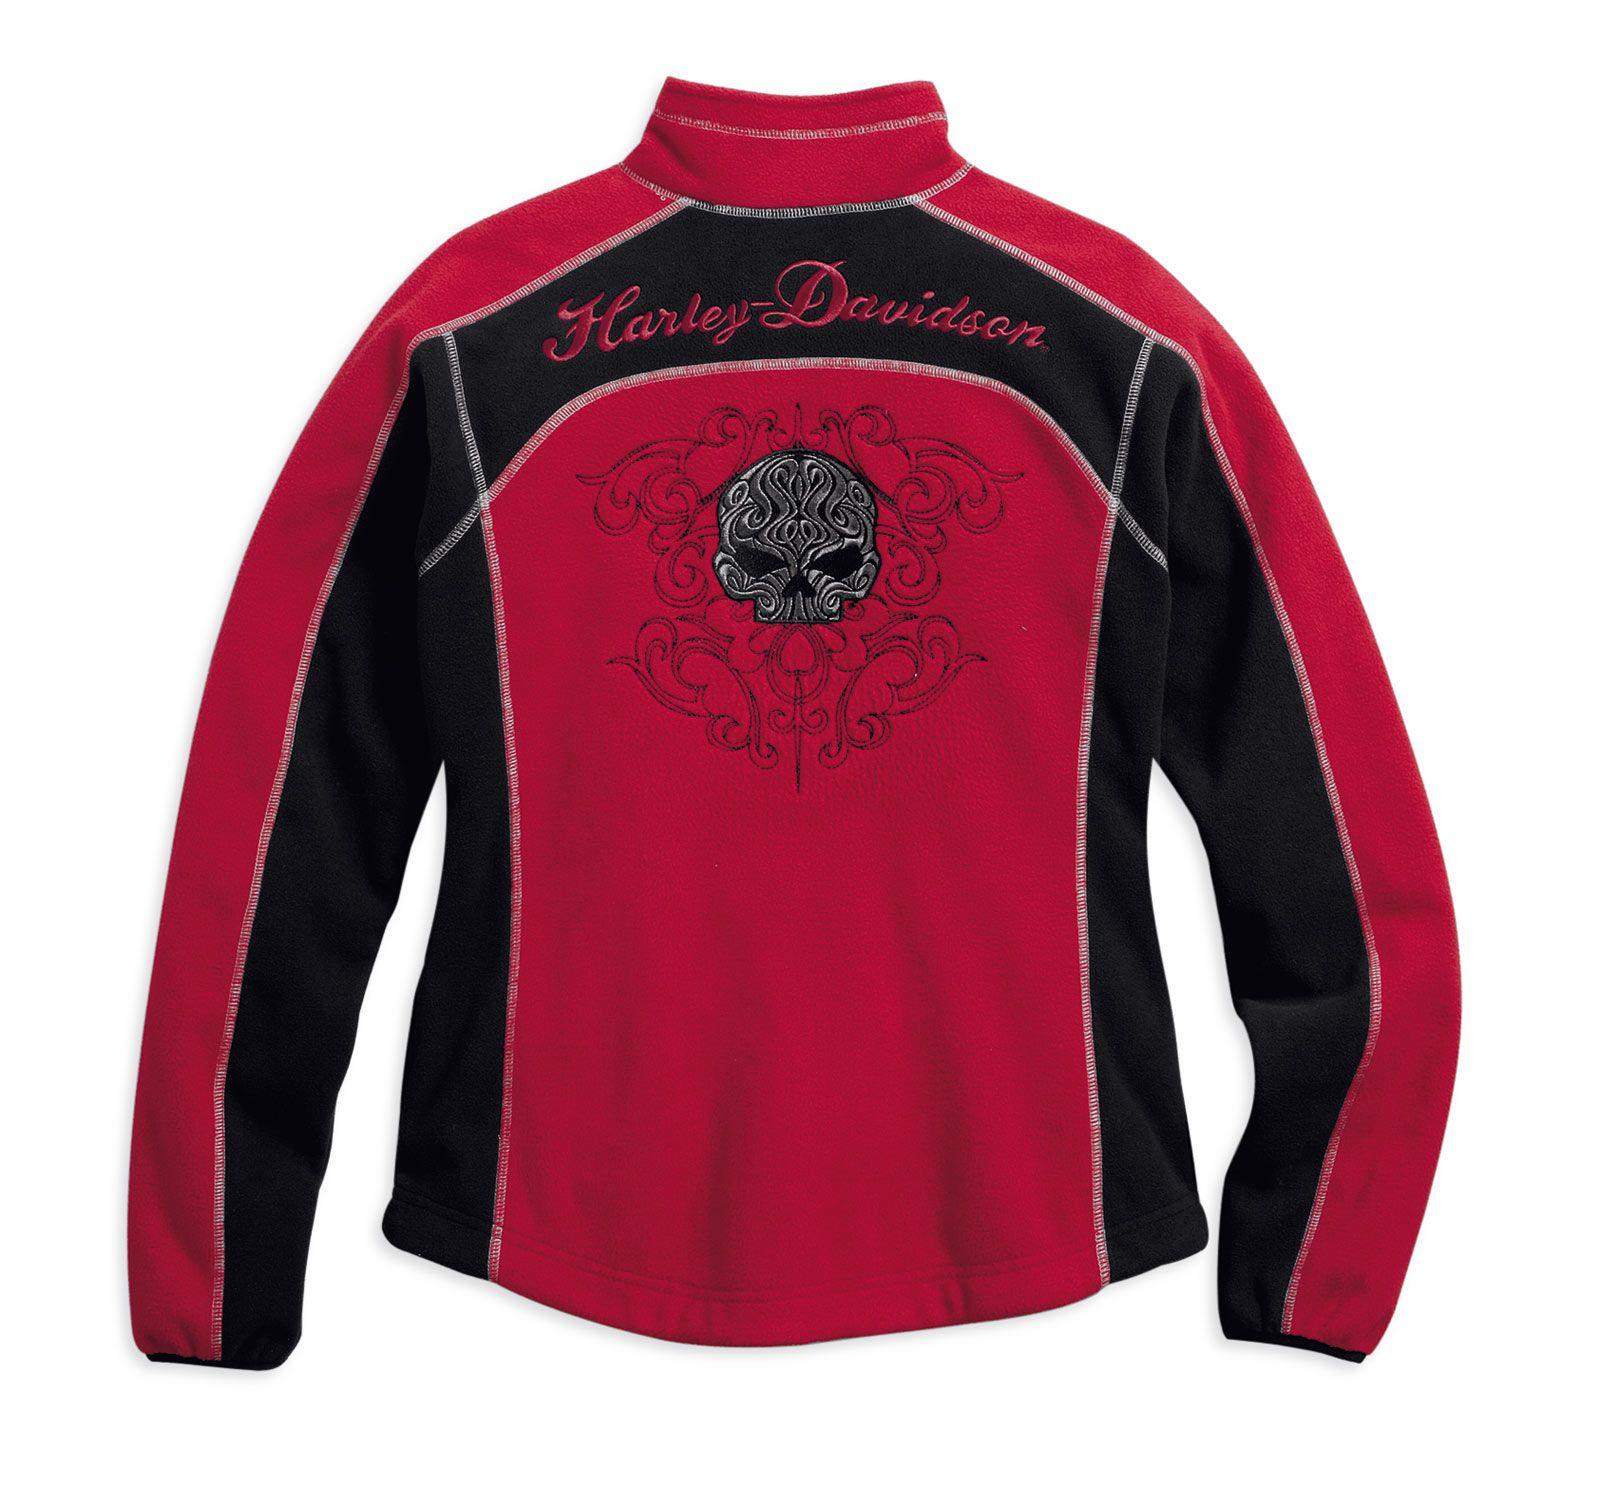 Harley Davidson Jacke Skull  In